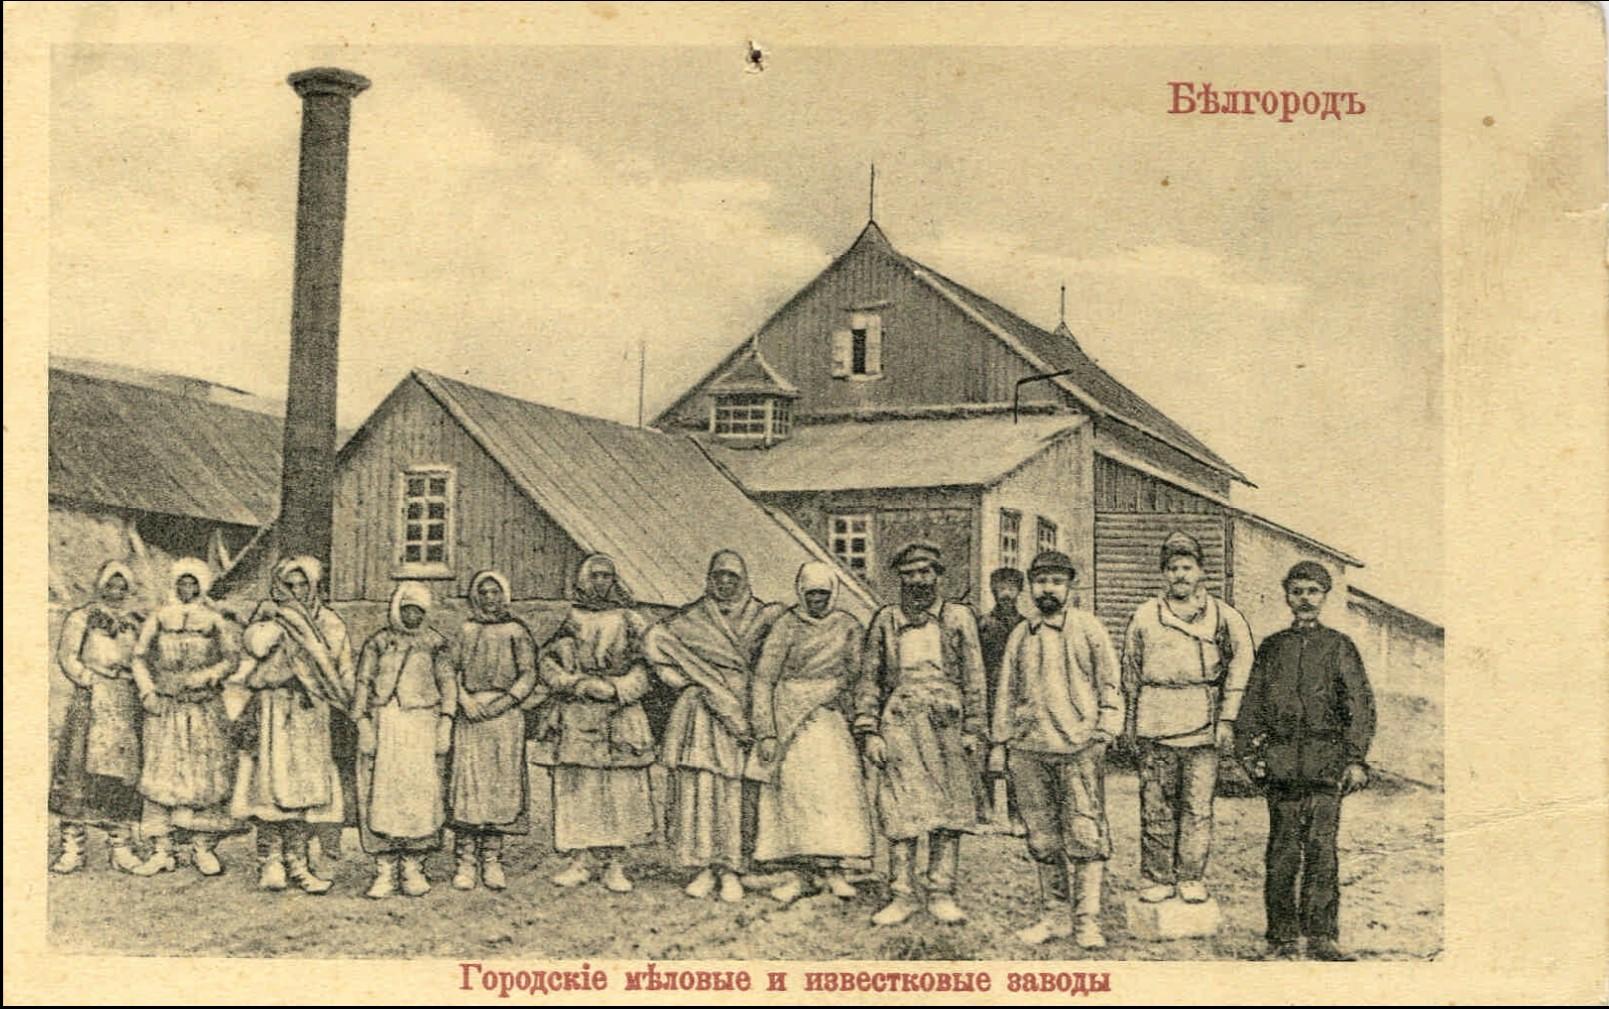 Городские меловые и известковые заводы